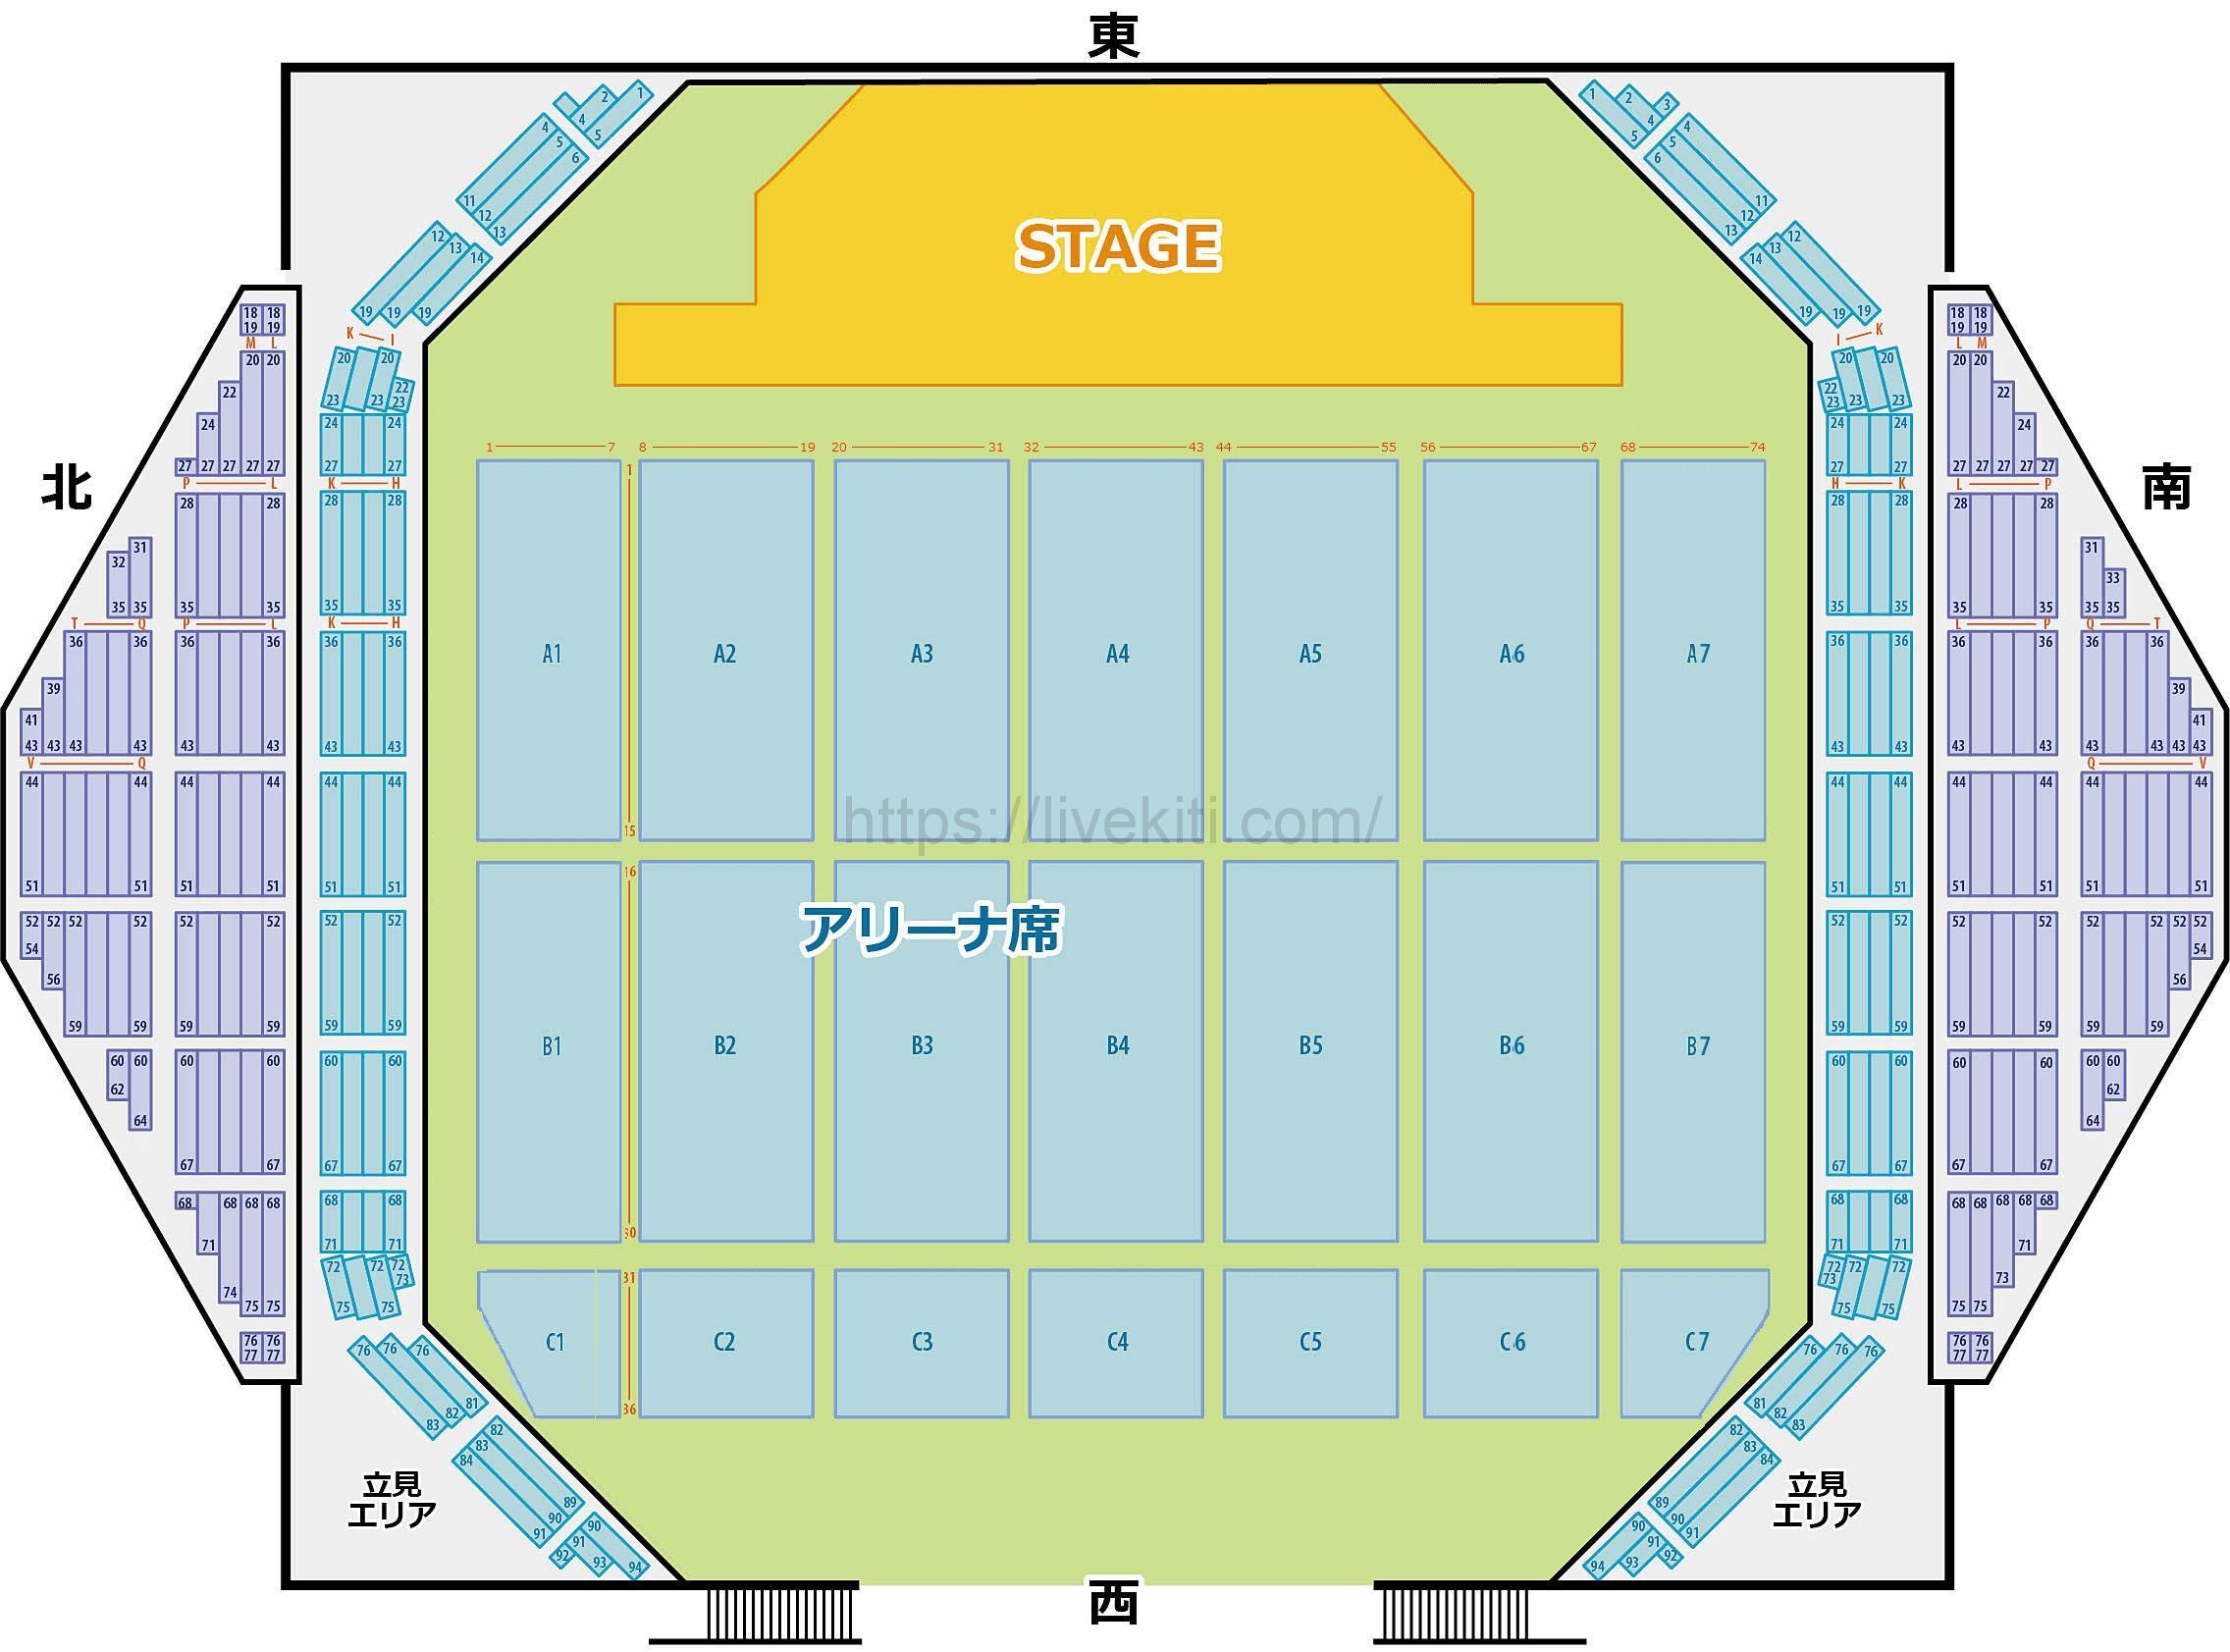 沖縄コンベンションセンター座席表可動席無しタイプ